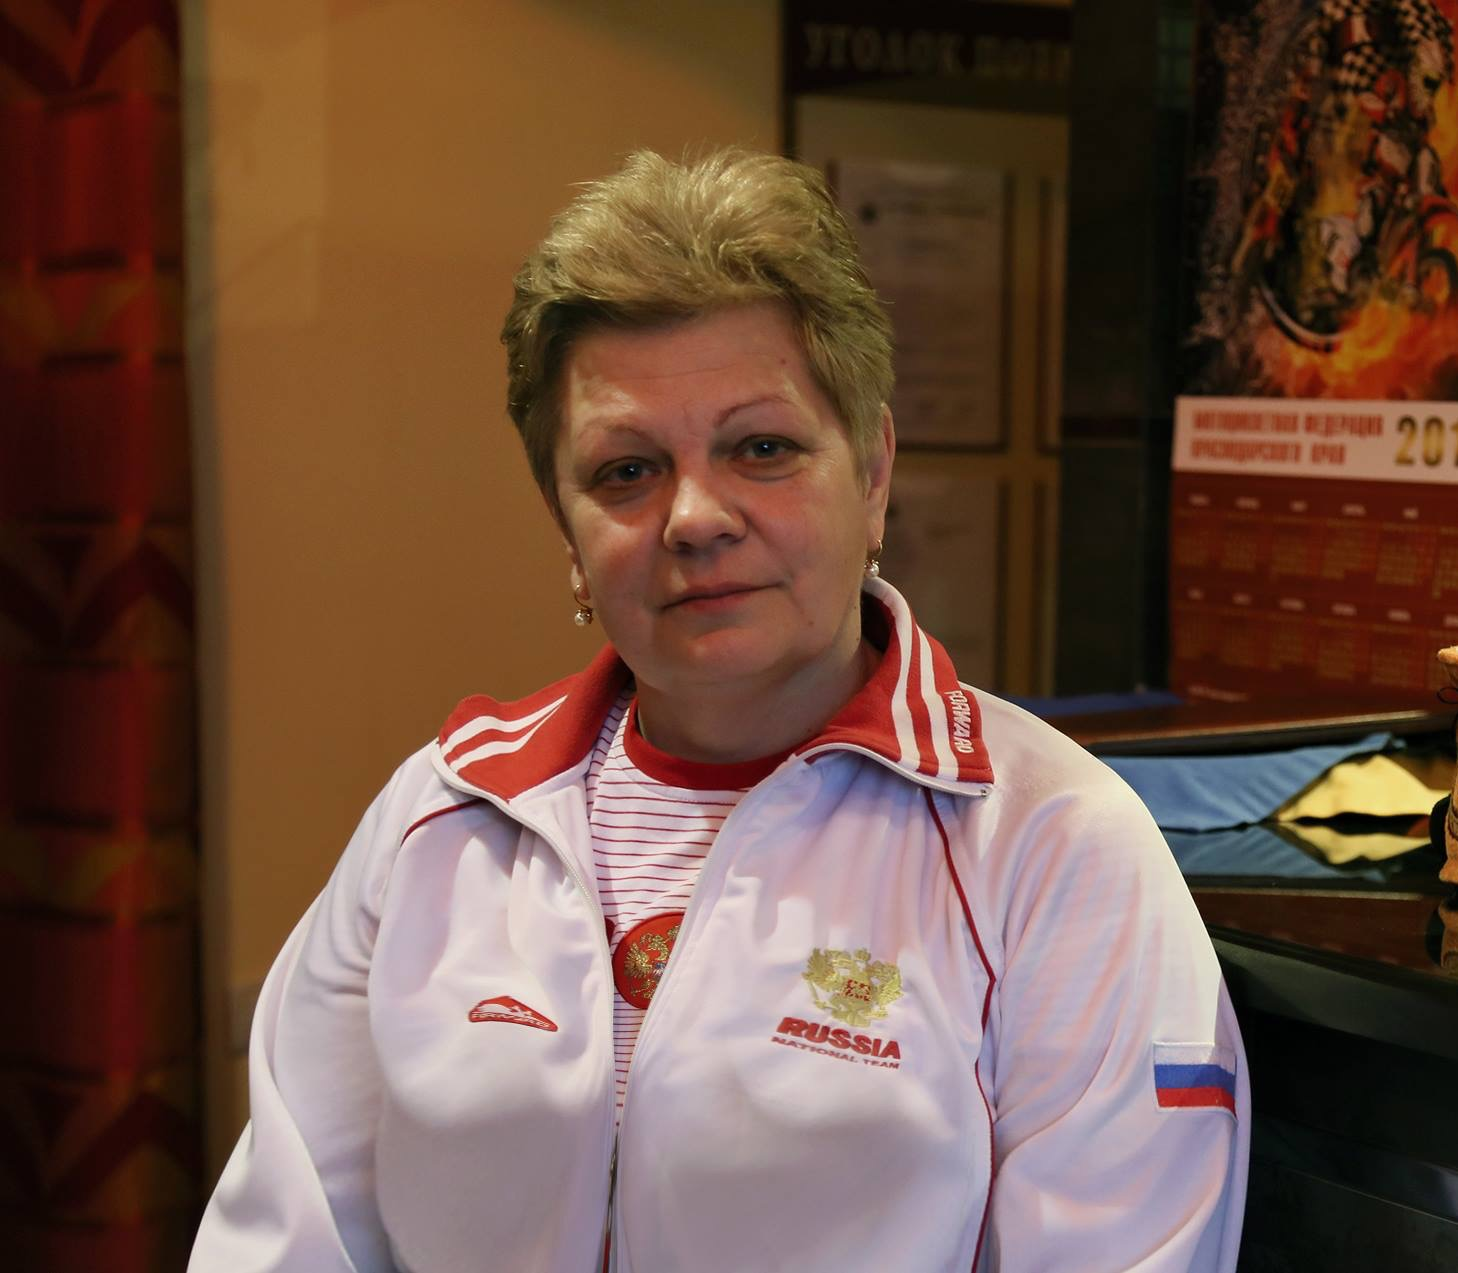 """Марина Никитина: """"Серебряная медаль на чемпионате мира по паратриатлону - хороший результат, но мы могли выступить лучше"""""""